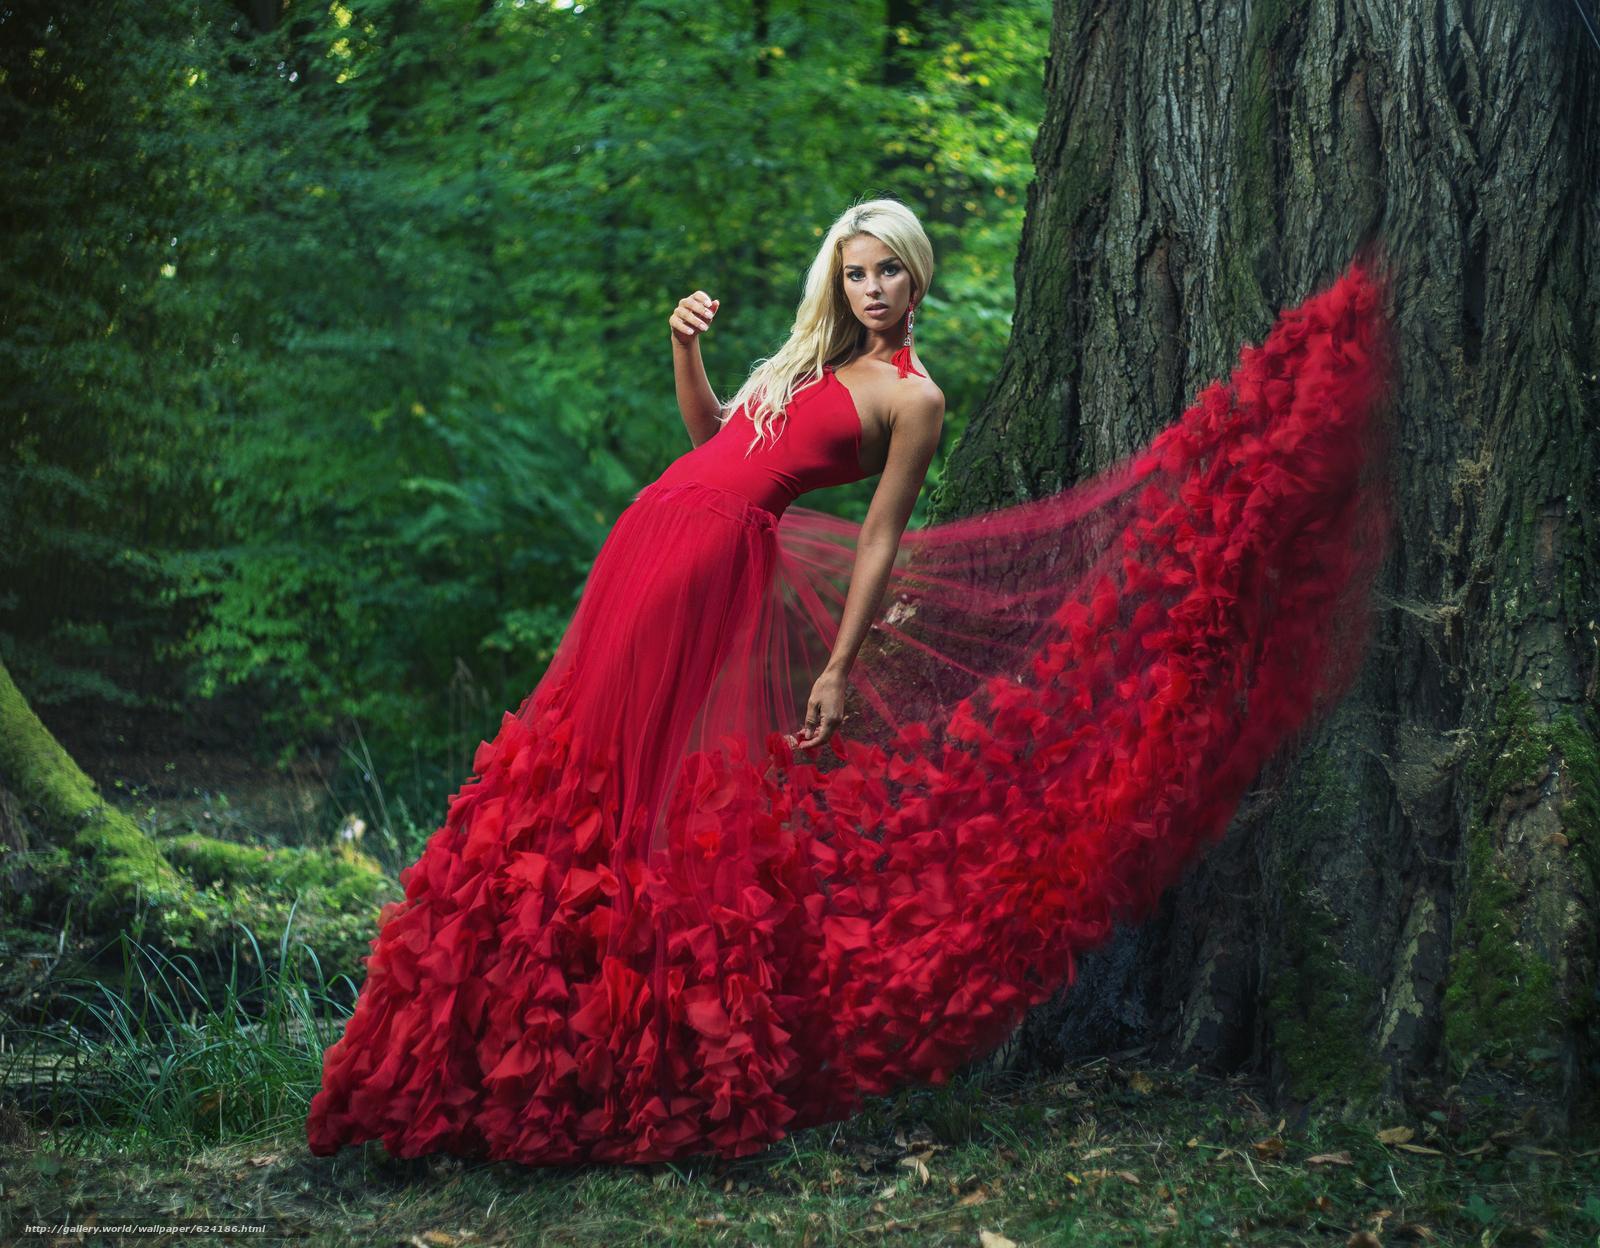 Скачать на телефон обои фото картинку на тему модель, поза, красное платье, платье, дерево, разширение 4728x3688